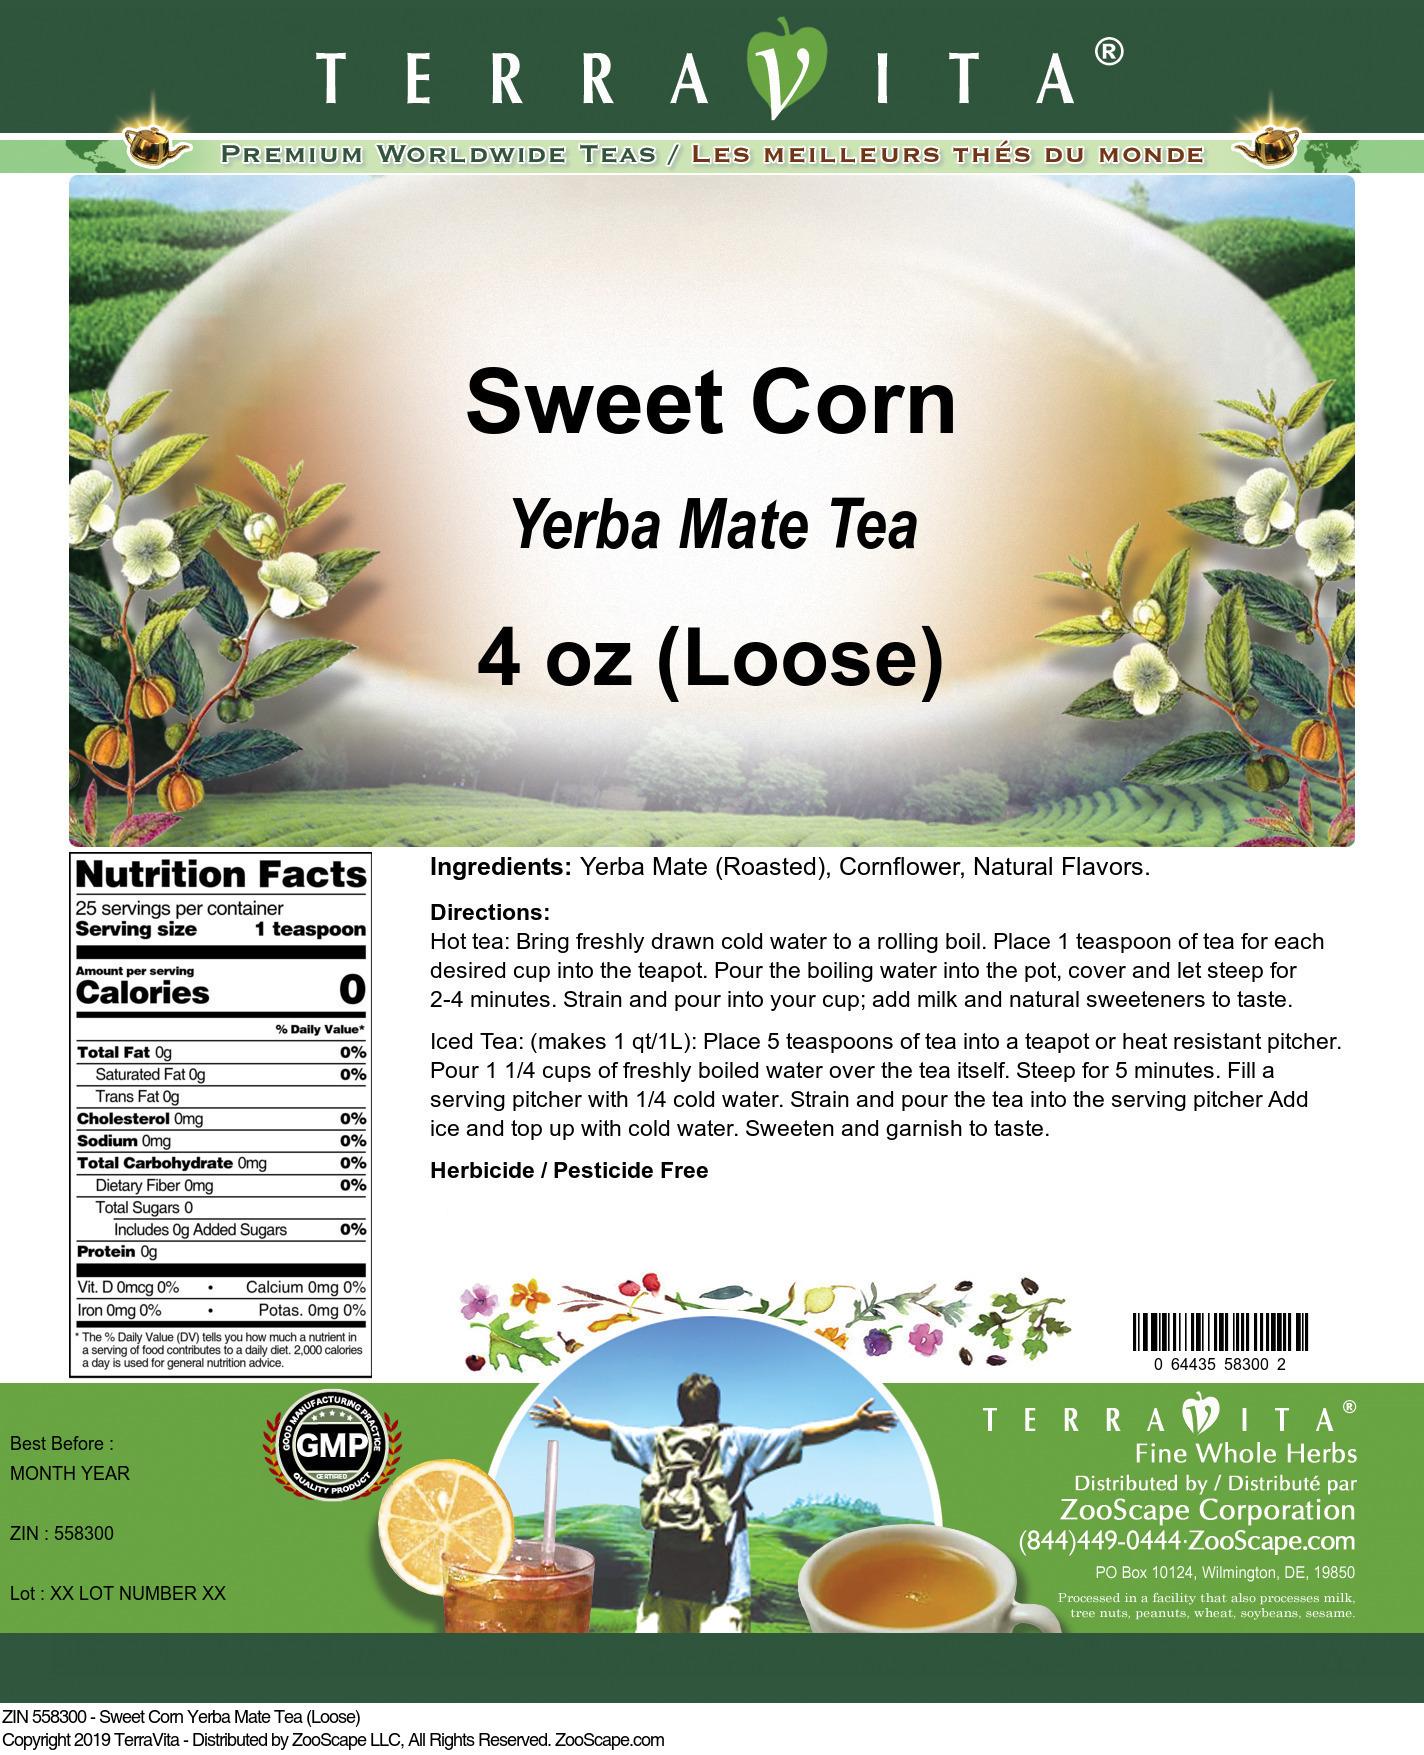 Sweet Corn Yerba Mate Tea (Loose)